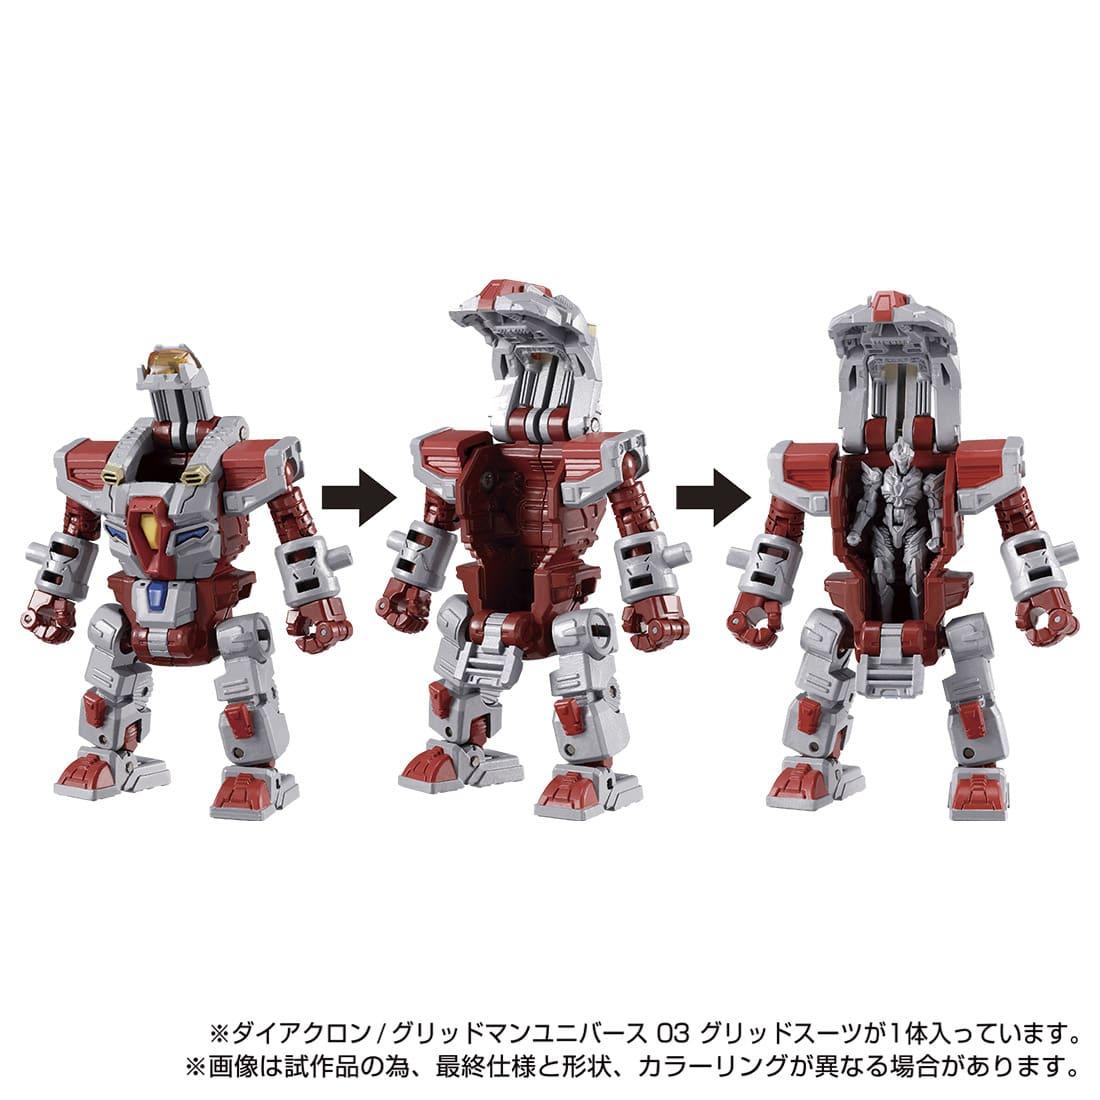 ダイアクロン / グリッドマンユニバース 02『ダイアクロンVS.グリッドマン Ver』可動フィギュア-013